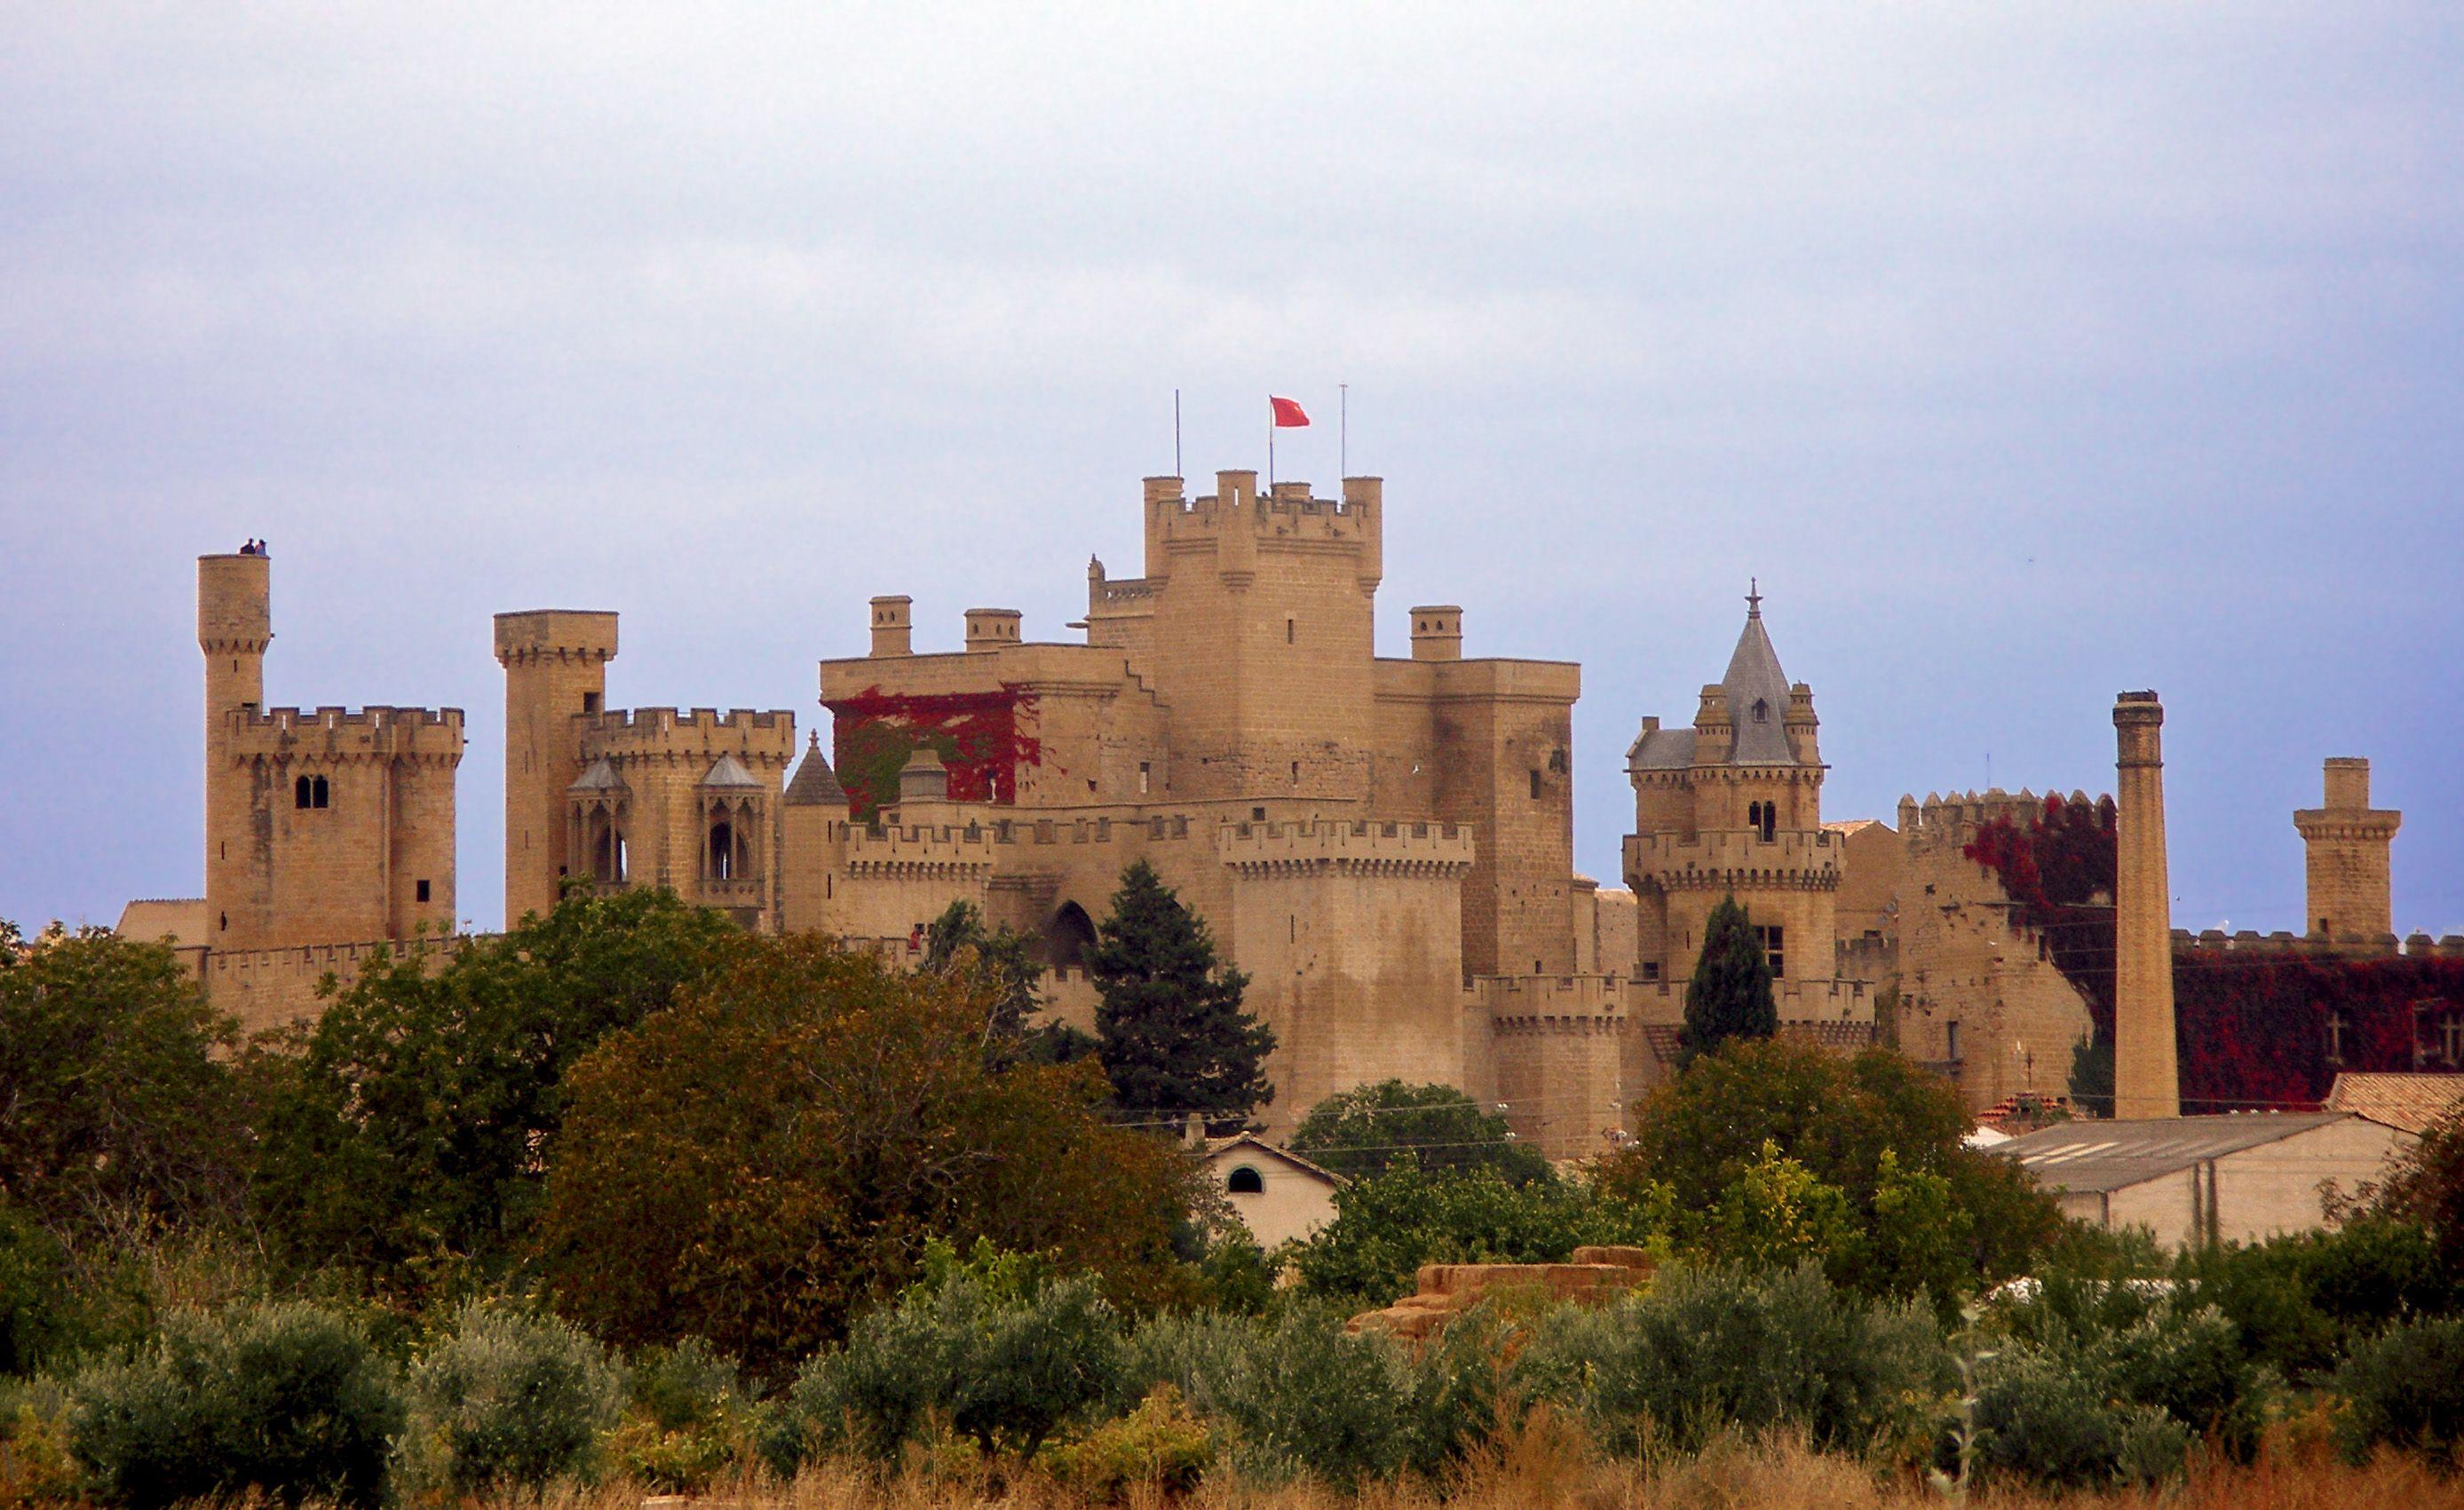 palacio real de olite - Google-søk